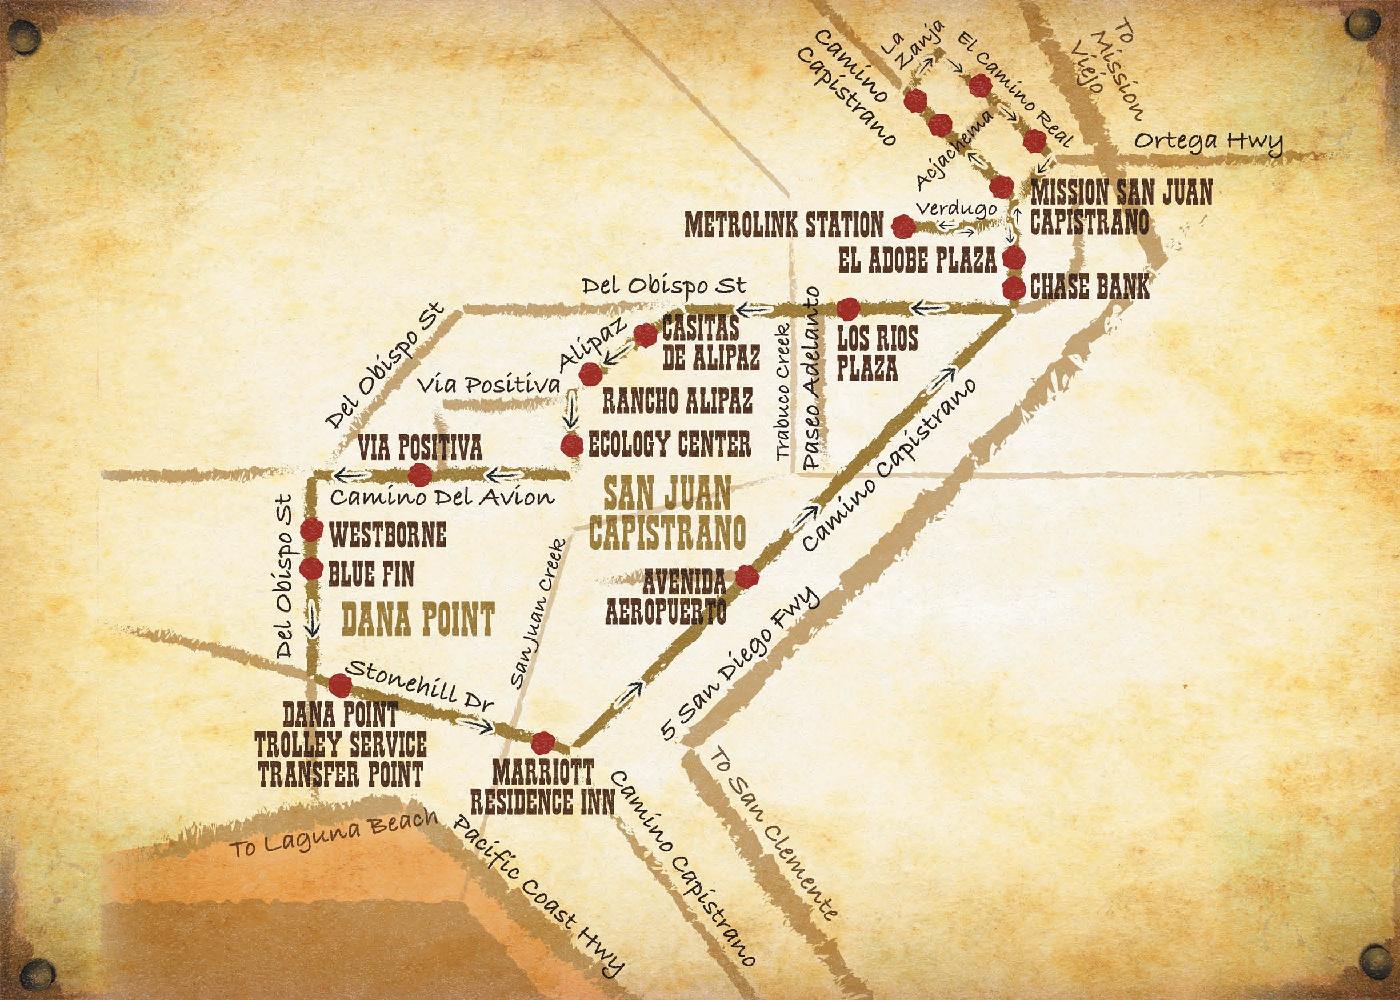 Trolley Map San Diego. San Diego Trolley Expansion Plans ...